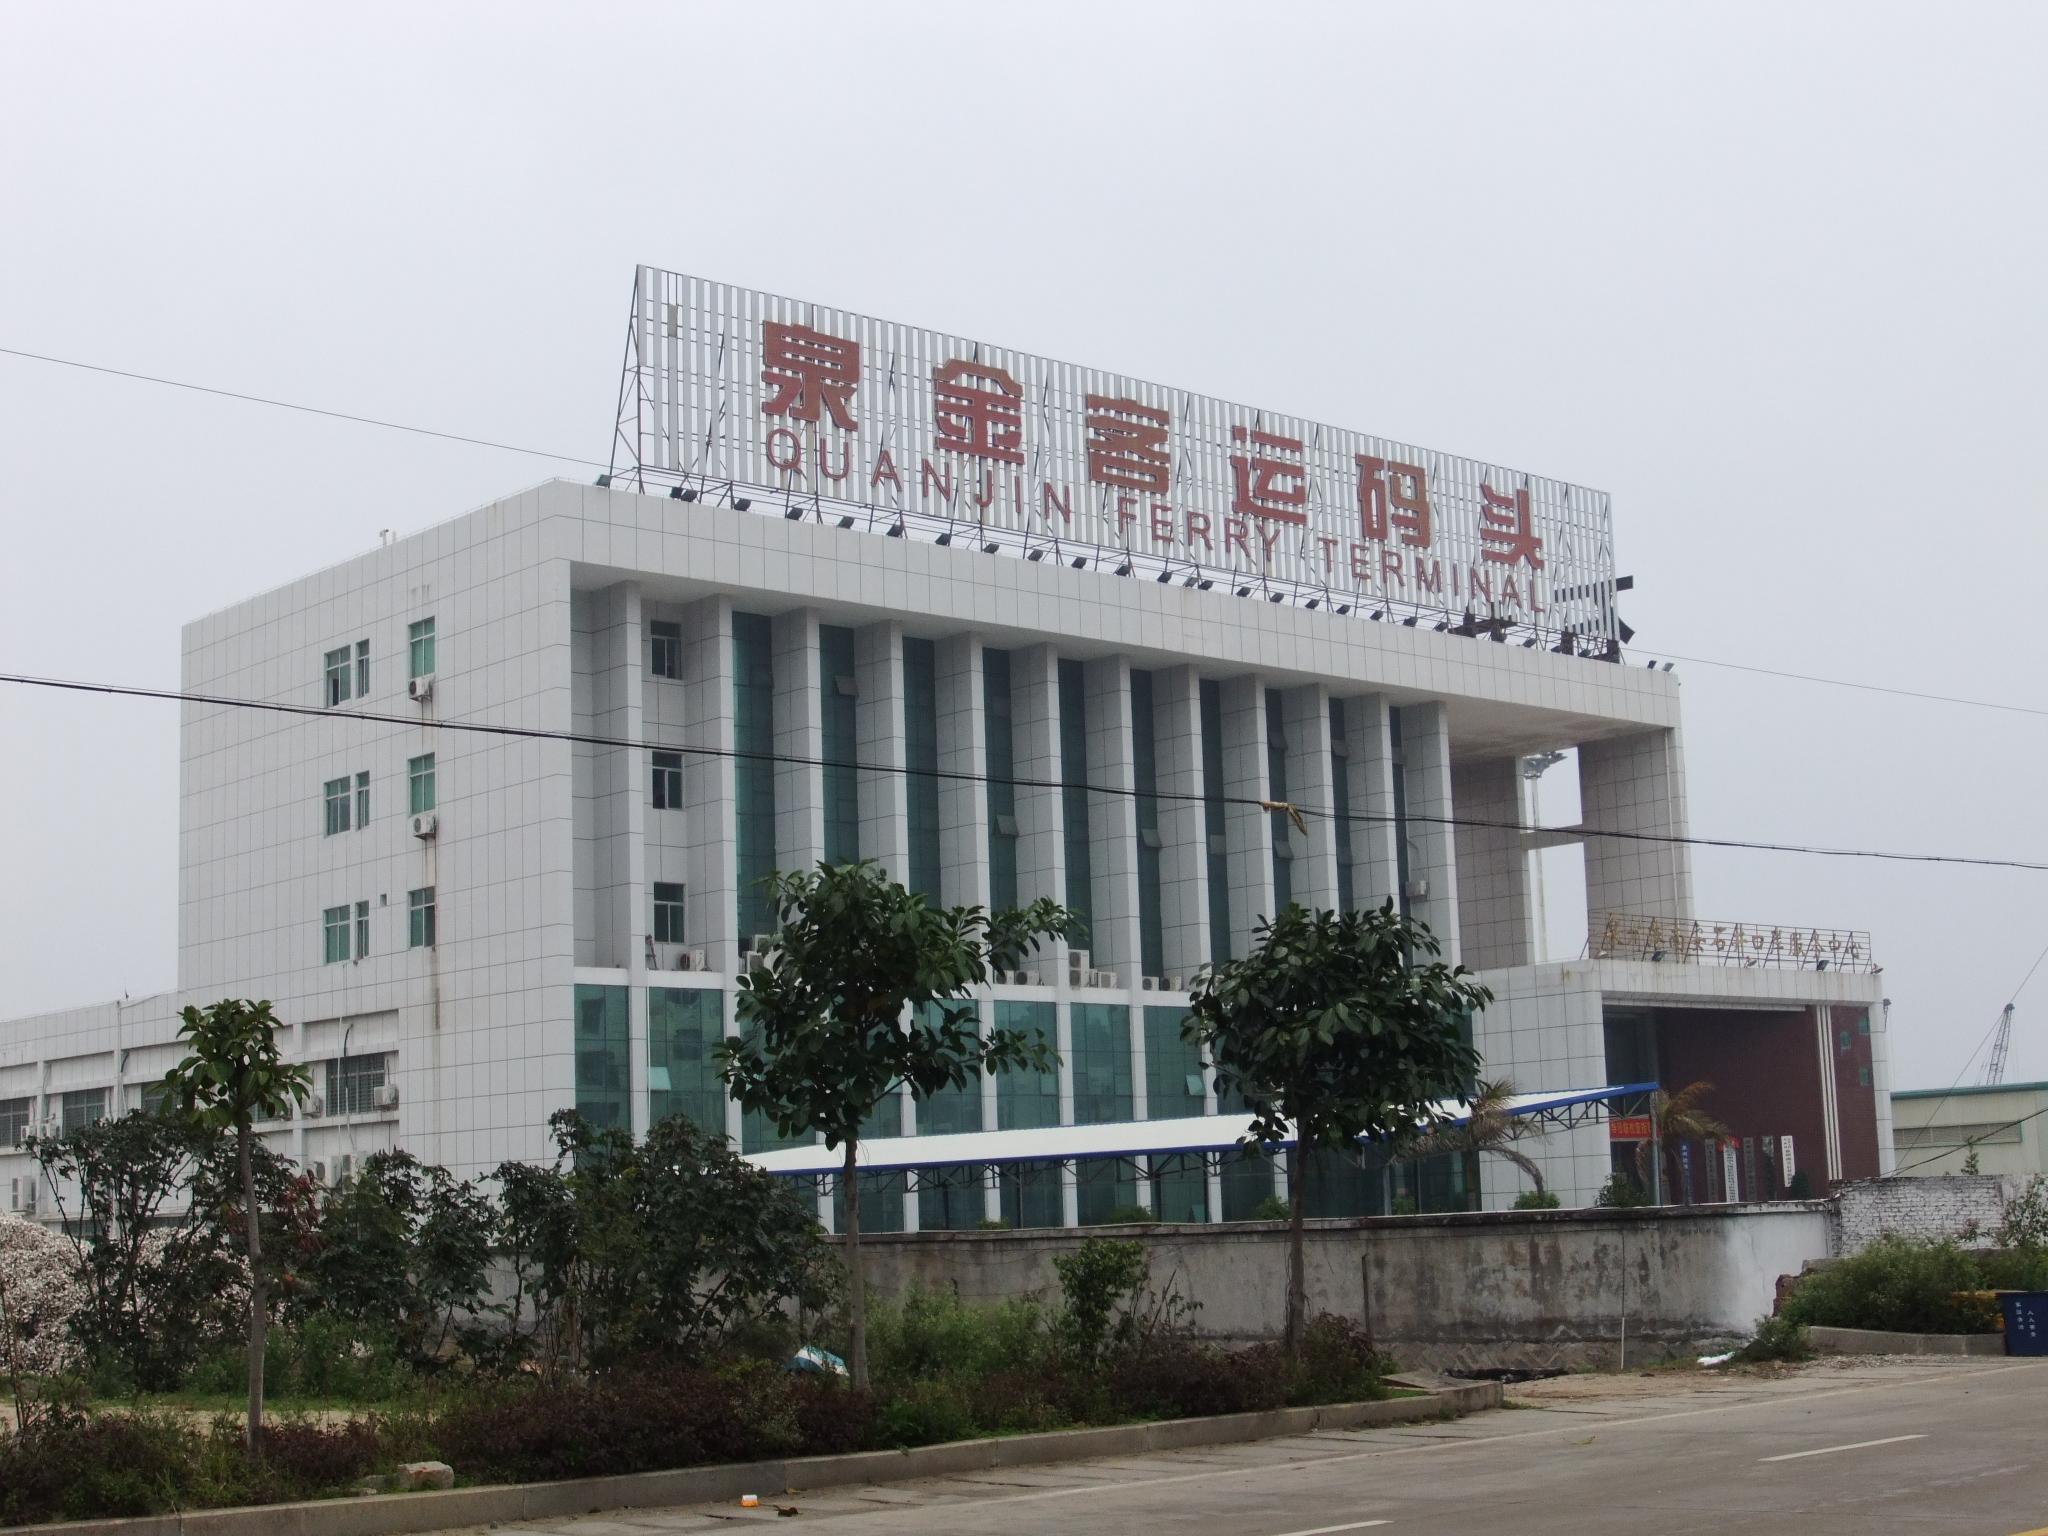 Quanzhou-Jinmen Ferry Terminal in Shijing